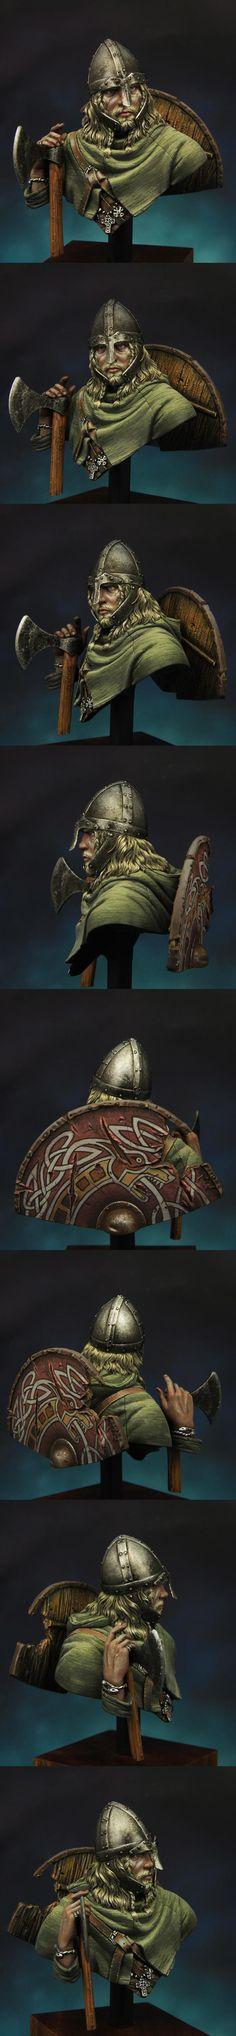 Viking válečník C.950 1 10 měřítko poprsí boxart pro mladé miniatury